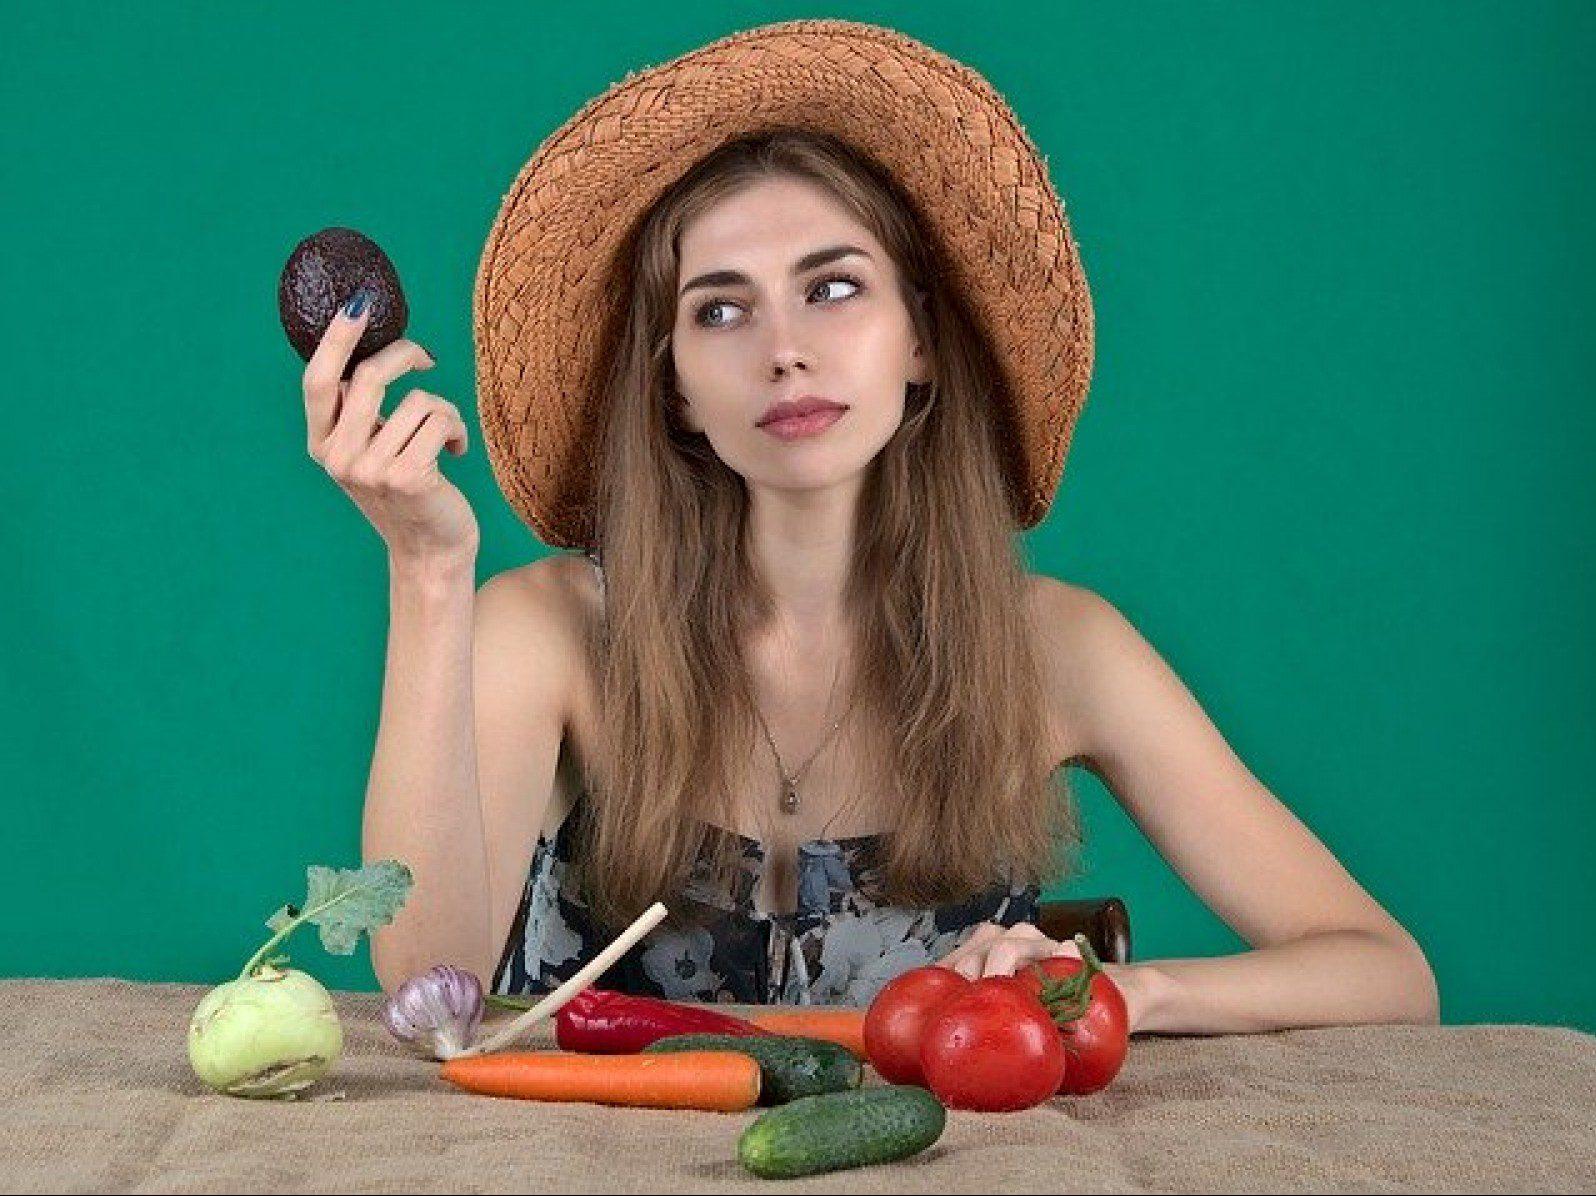 Ile można schudnąć w tydzień? Nawet 3 kg! Poznaj skuteczne metody! [WIDEO] - sunela.eu